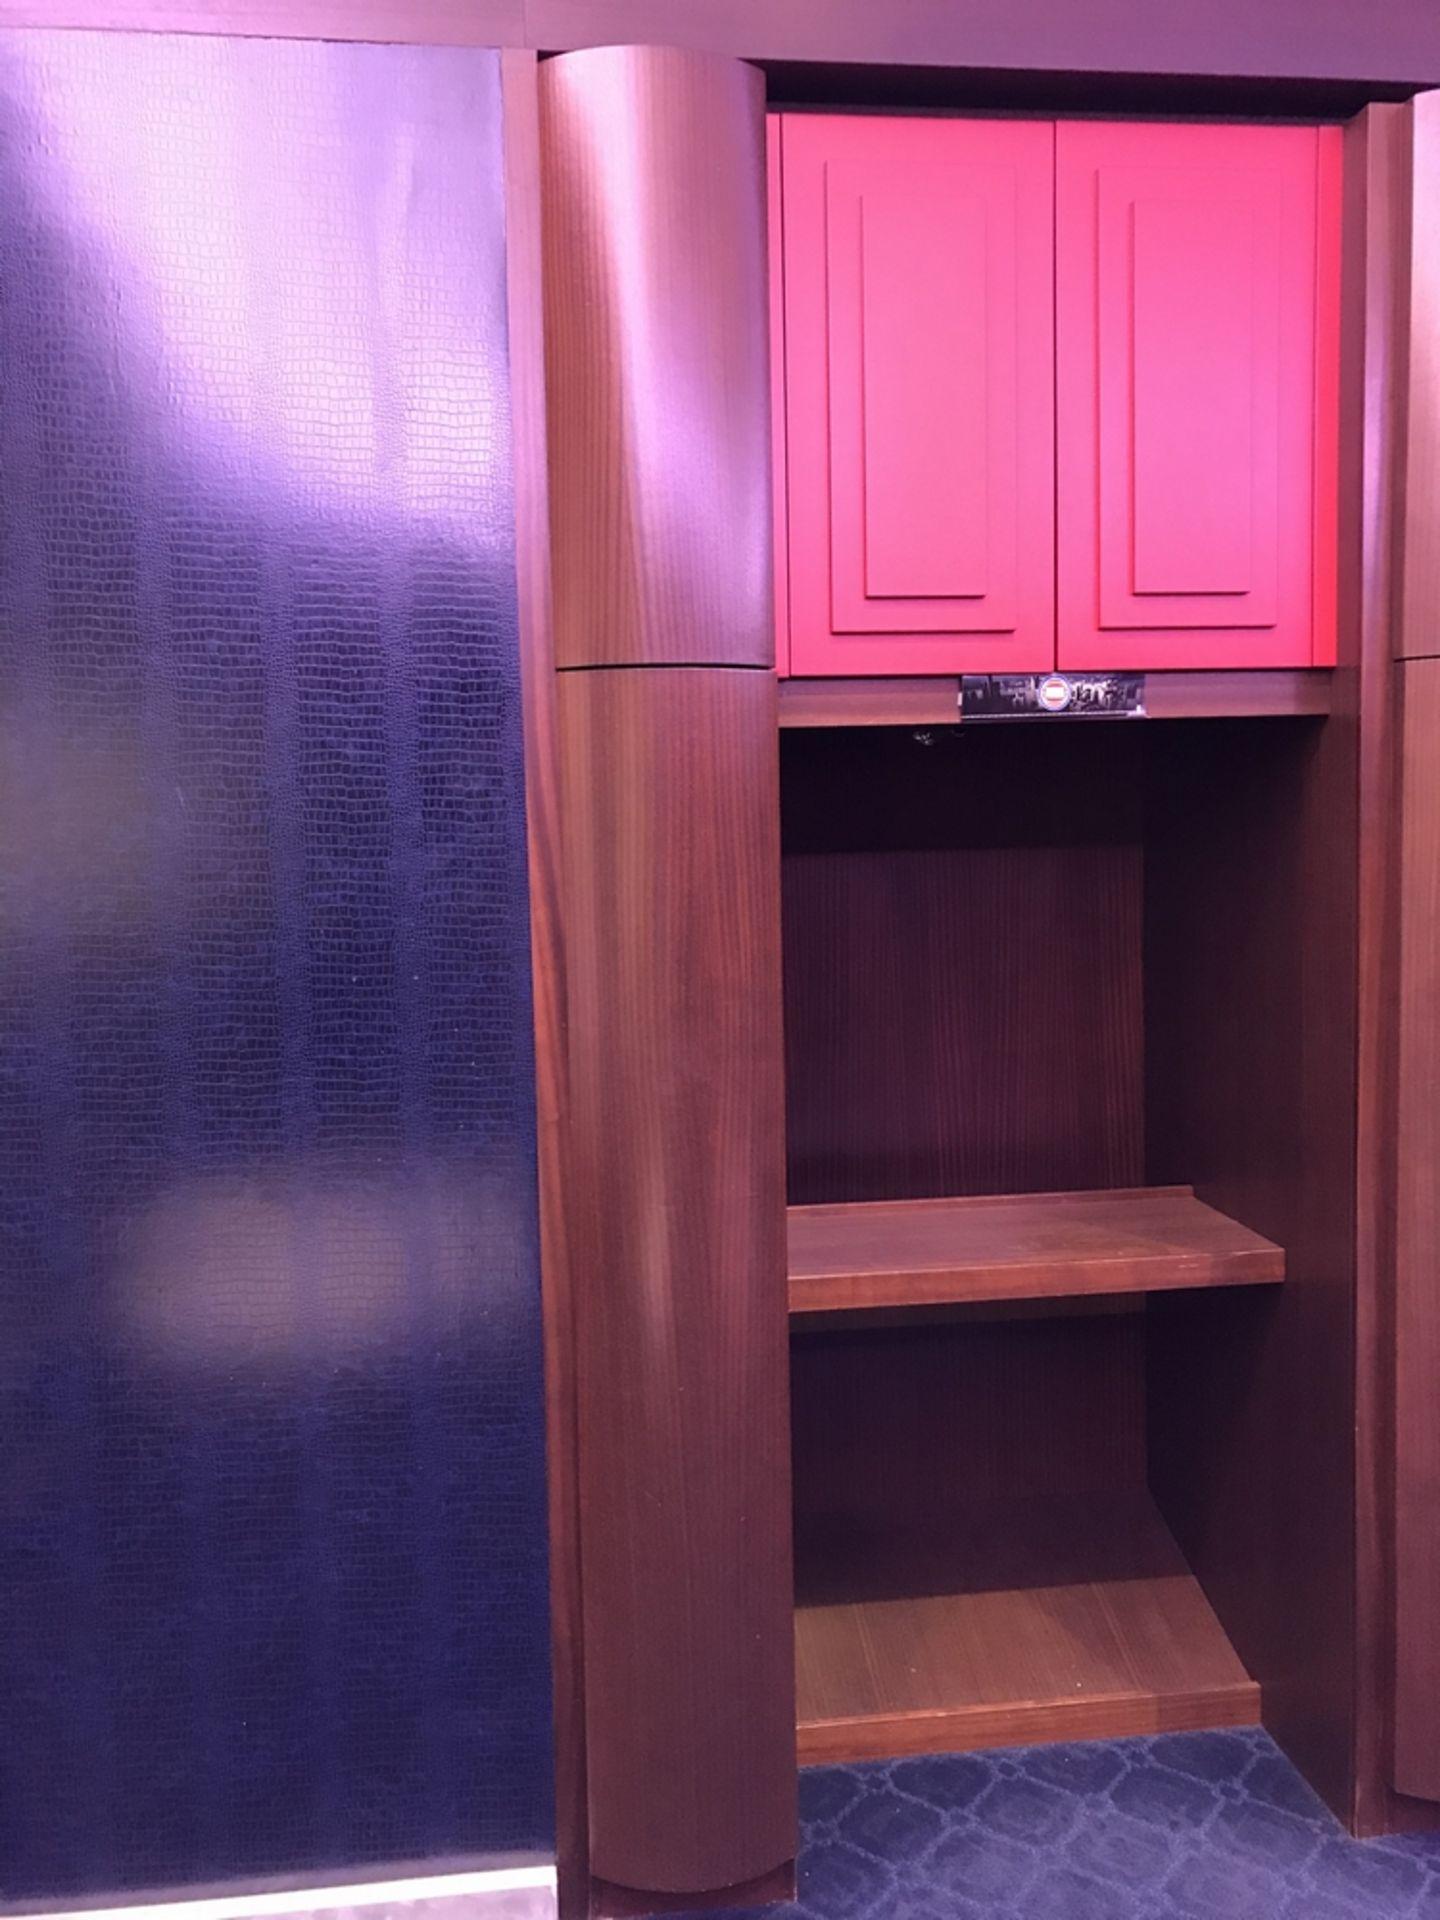 Lot 6 - Piston Player Locker , Dim. 53 in w x 107 in h x 35 in d , Location: Locker Room ***Note from